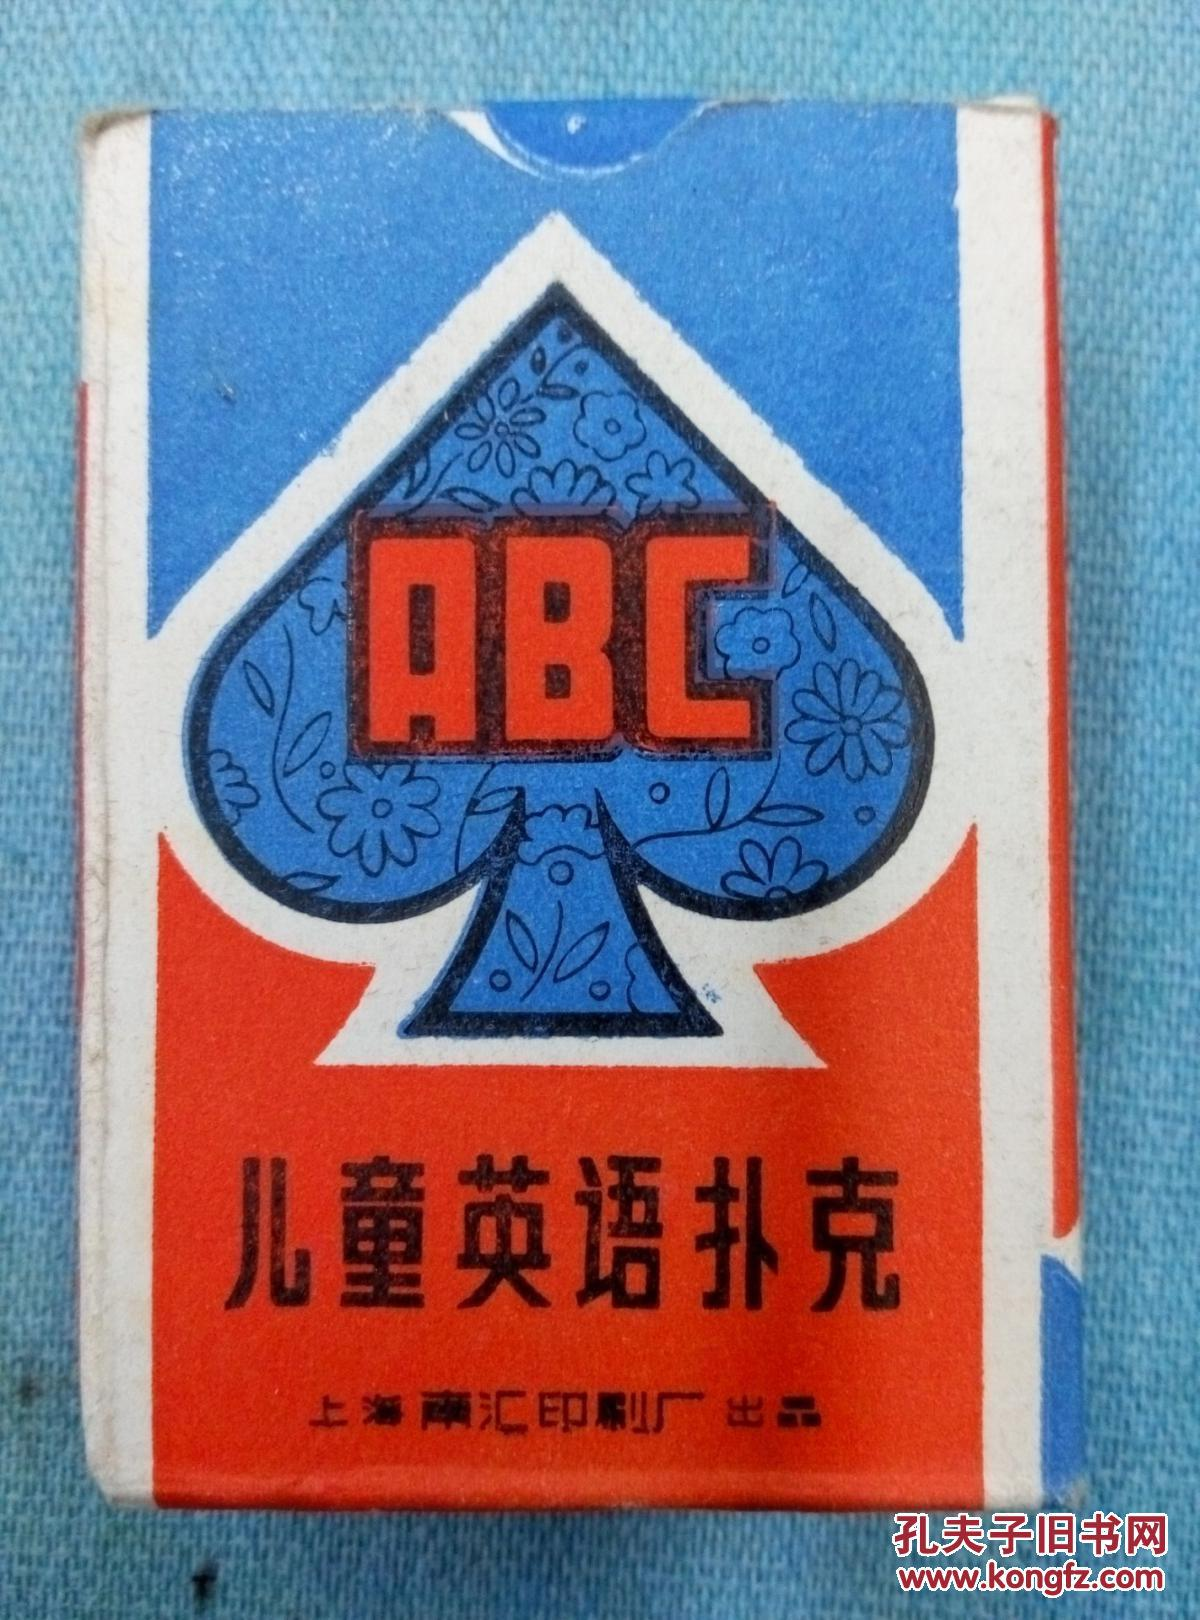 《儿童英语扑克》编号225,出版社:上海南汇印刷厂出品十品